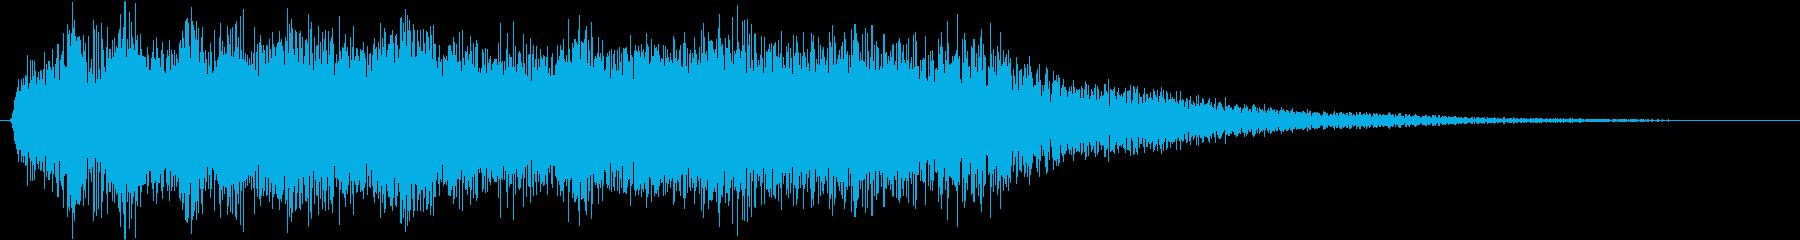 フルートの暖かいサウンドロゴの再生済みの波形